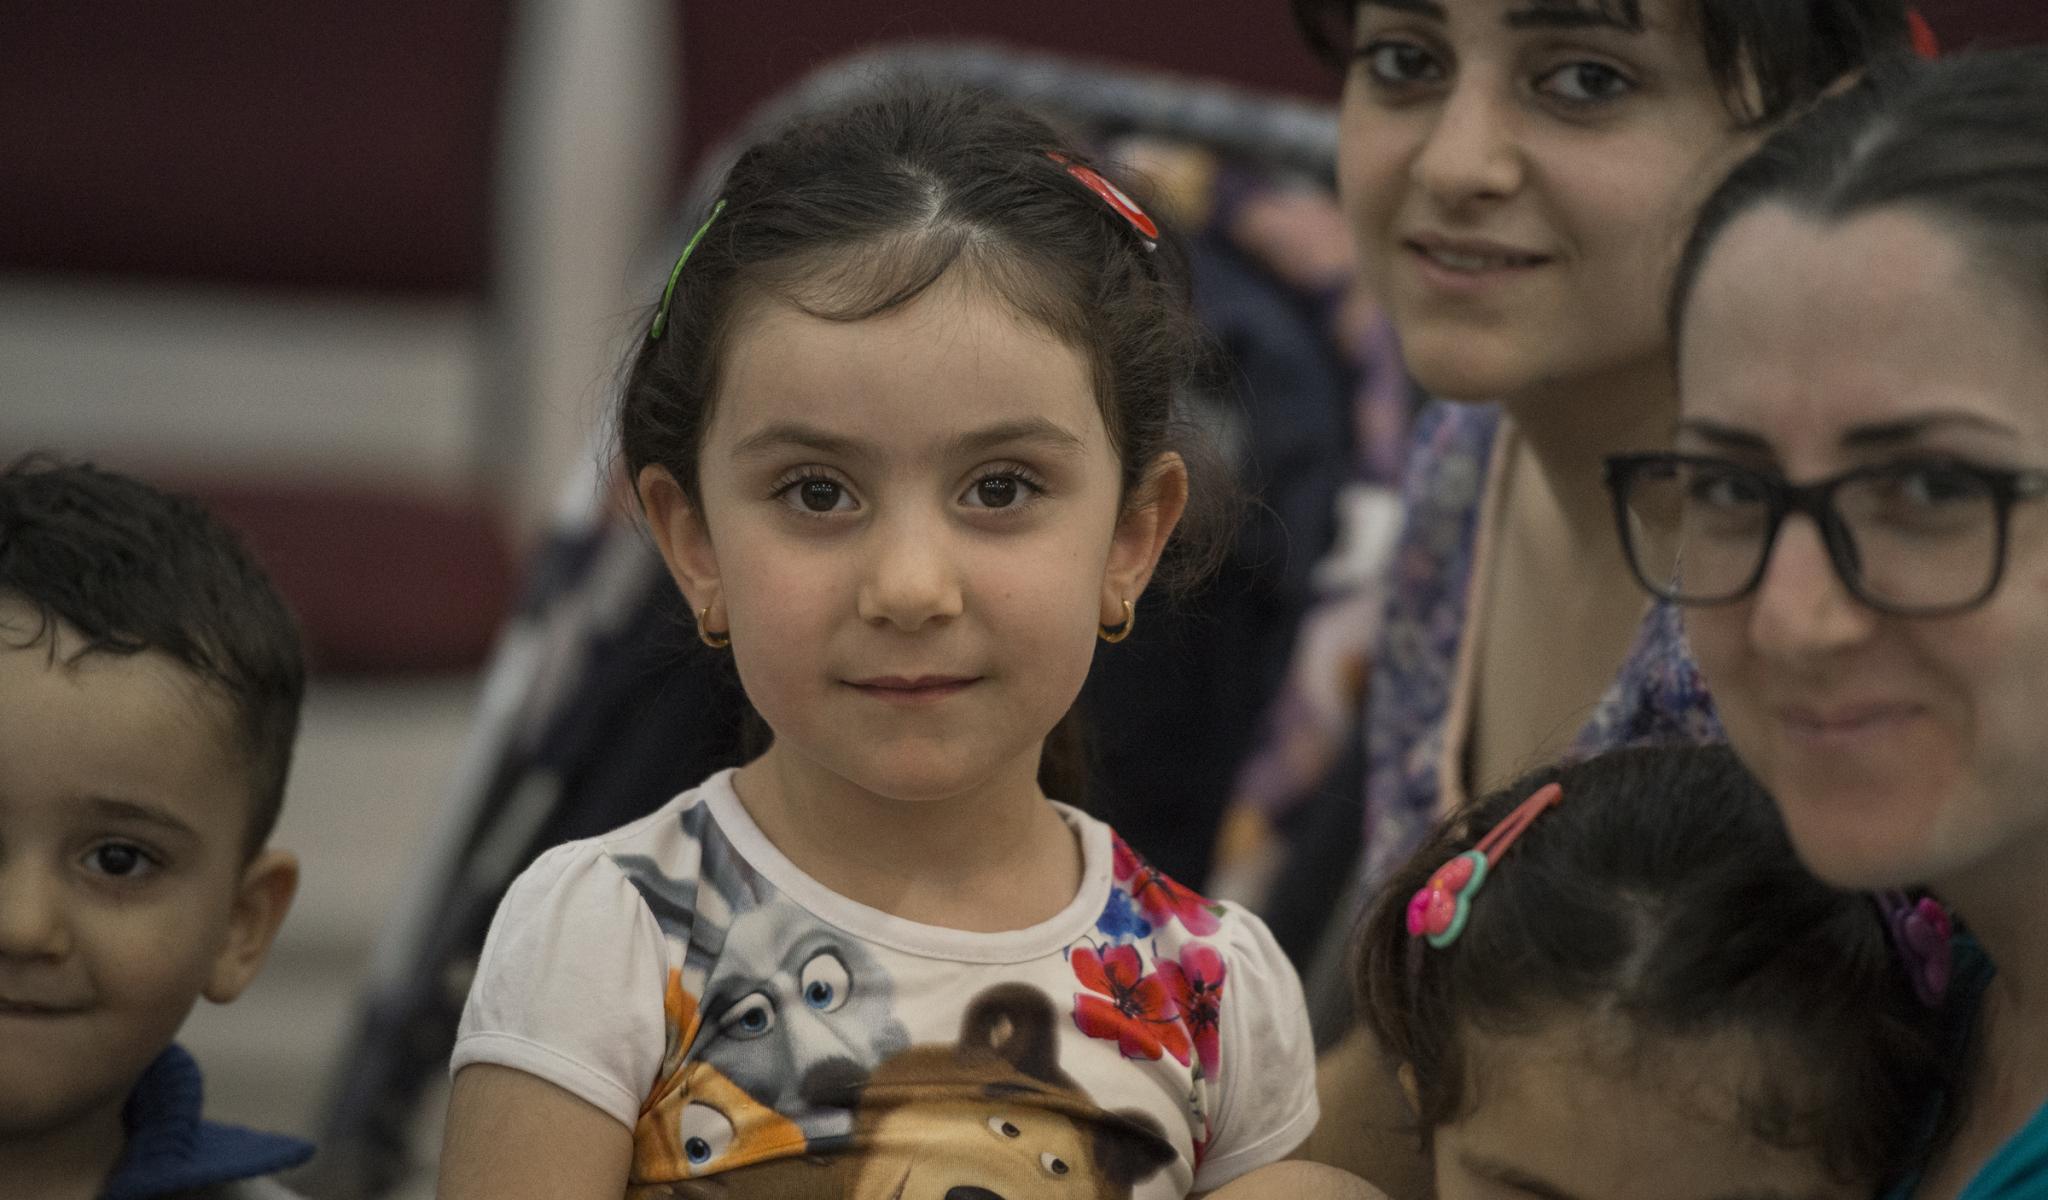 Mara, Anna, Alak et leurs enfants prennent quelques minutes pour partager leur témoignage de leur arrivée en Jordanie il y a 20 jours © Jeffrey Bruno